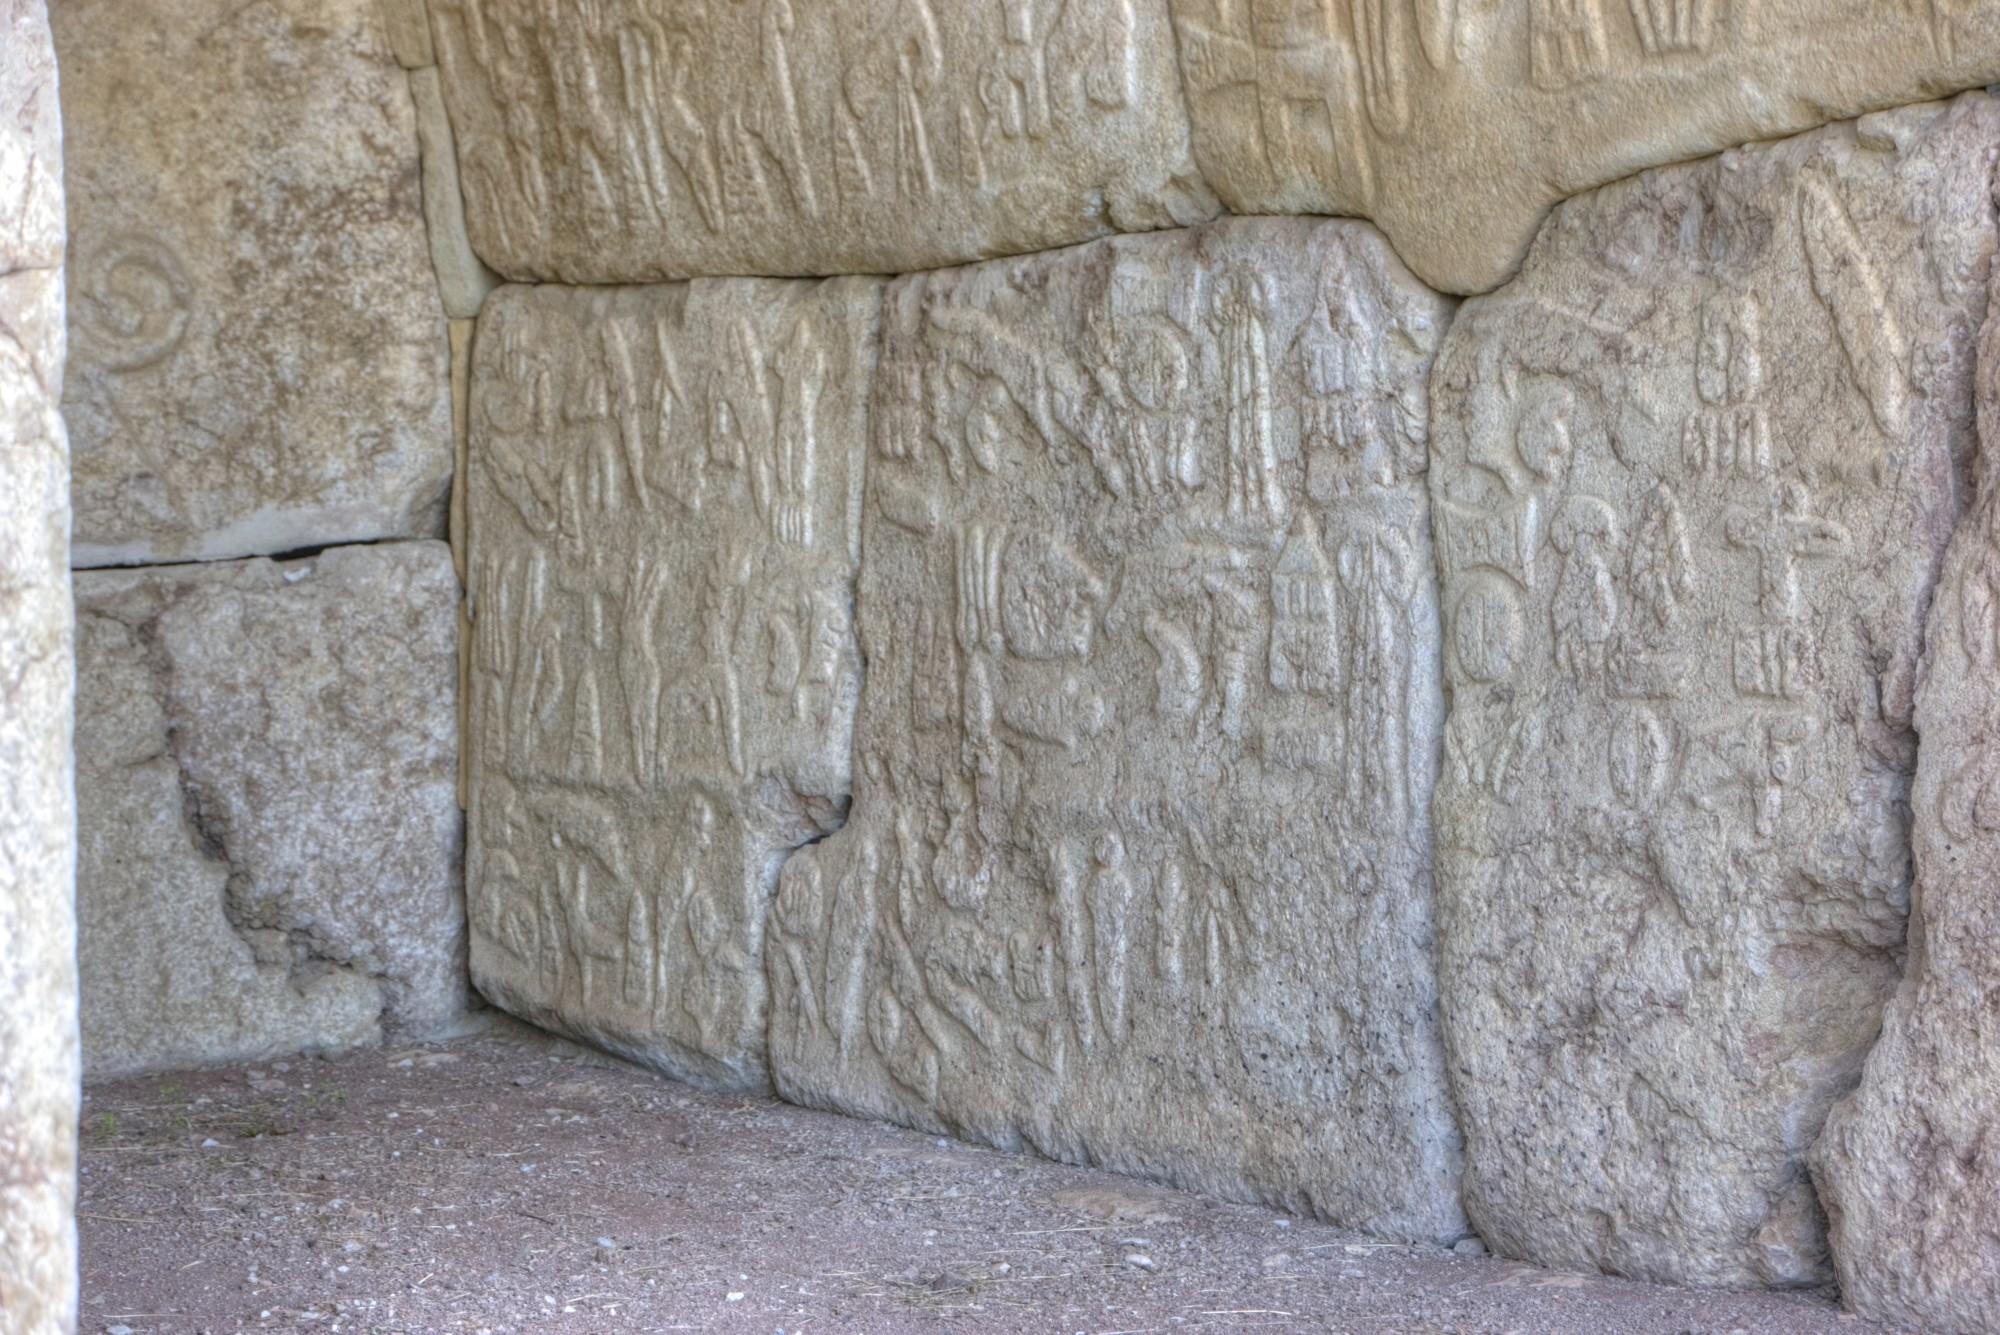 Komnata  Hieroglifów w Hattuszy